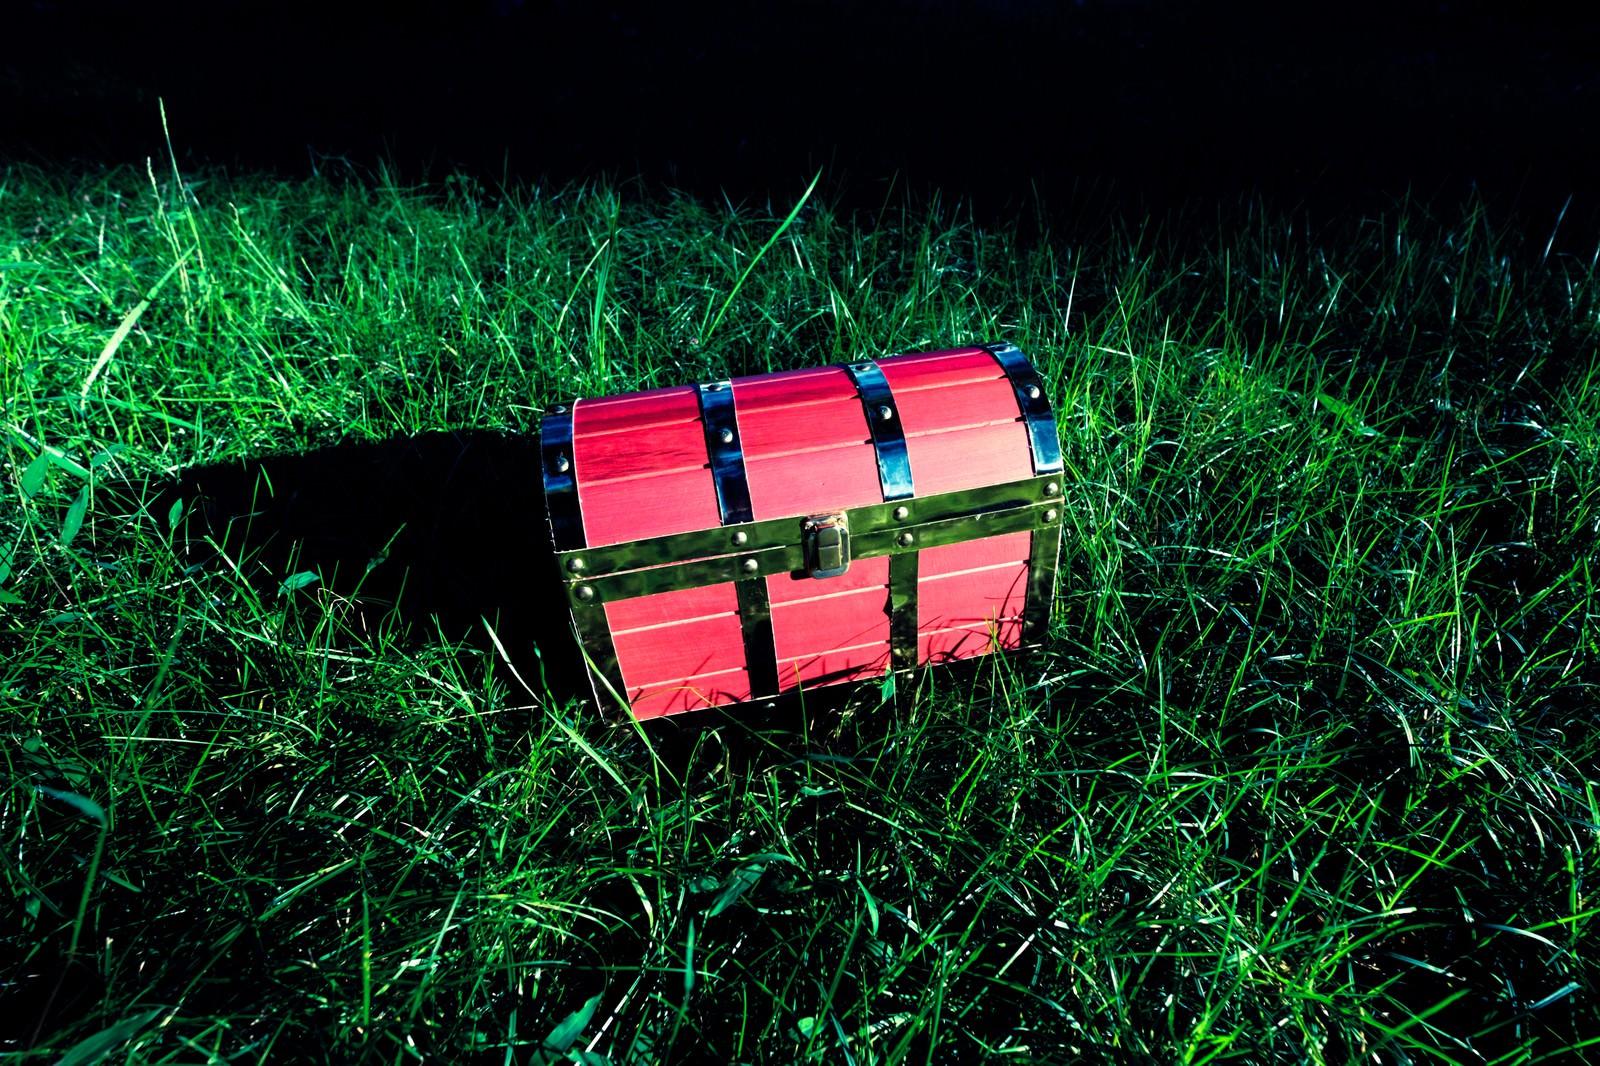 「フィールド上で宝箱を見つけた ▶あける ▶たたく ▶かきっぱちフィールド上で宝箱を見つけた ▶あける ▶たたく ▶かきっぱち」のフリー写真素材を拡大